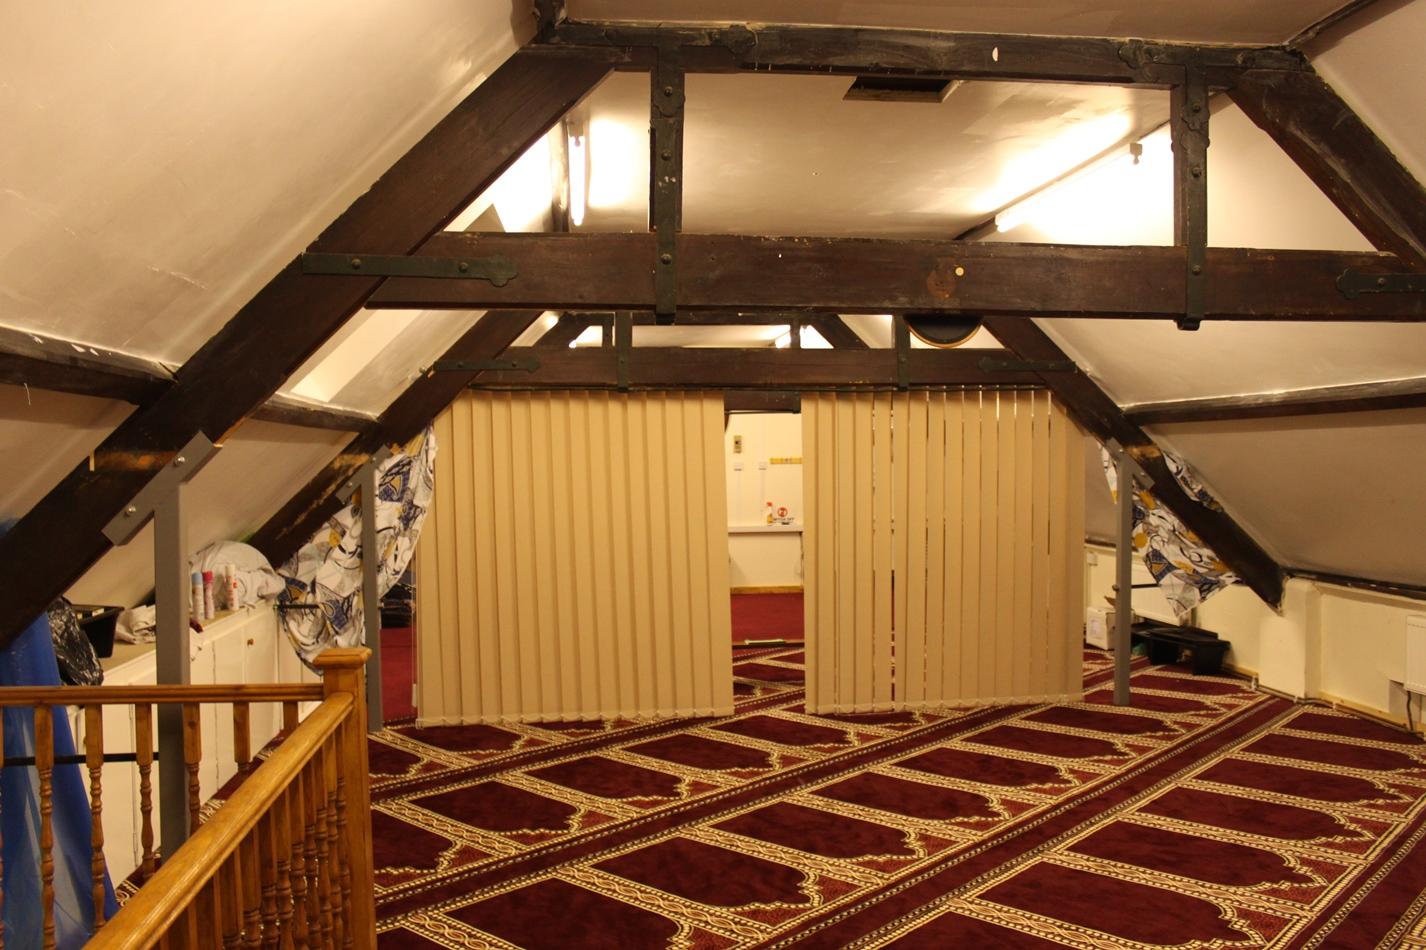 Women Section in Swindon masjid